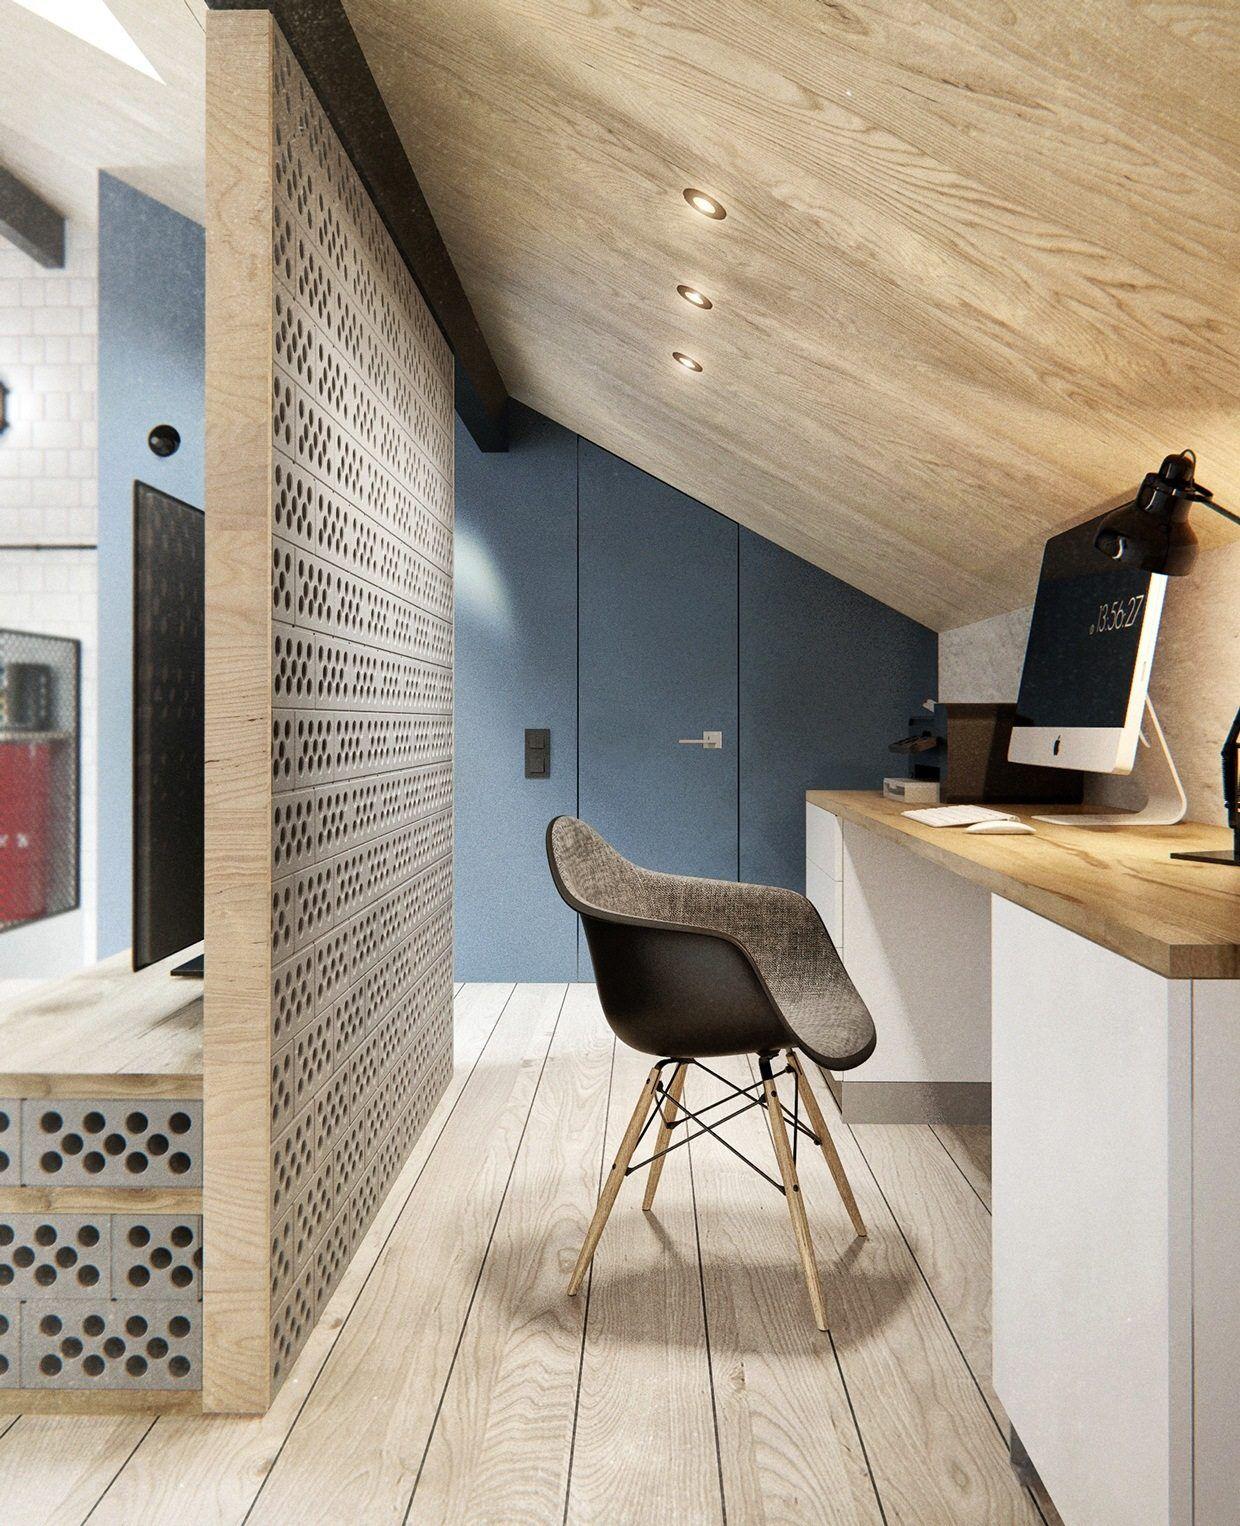 U küchendesignpläne zeitgenössische haus pläne und design mit bunten feature  zuhause